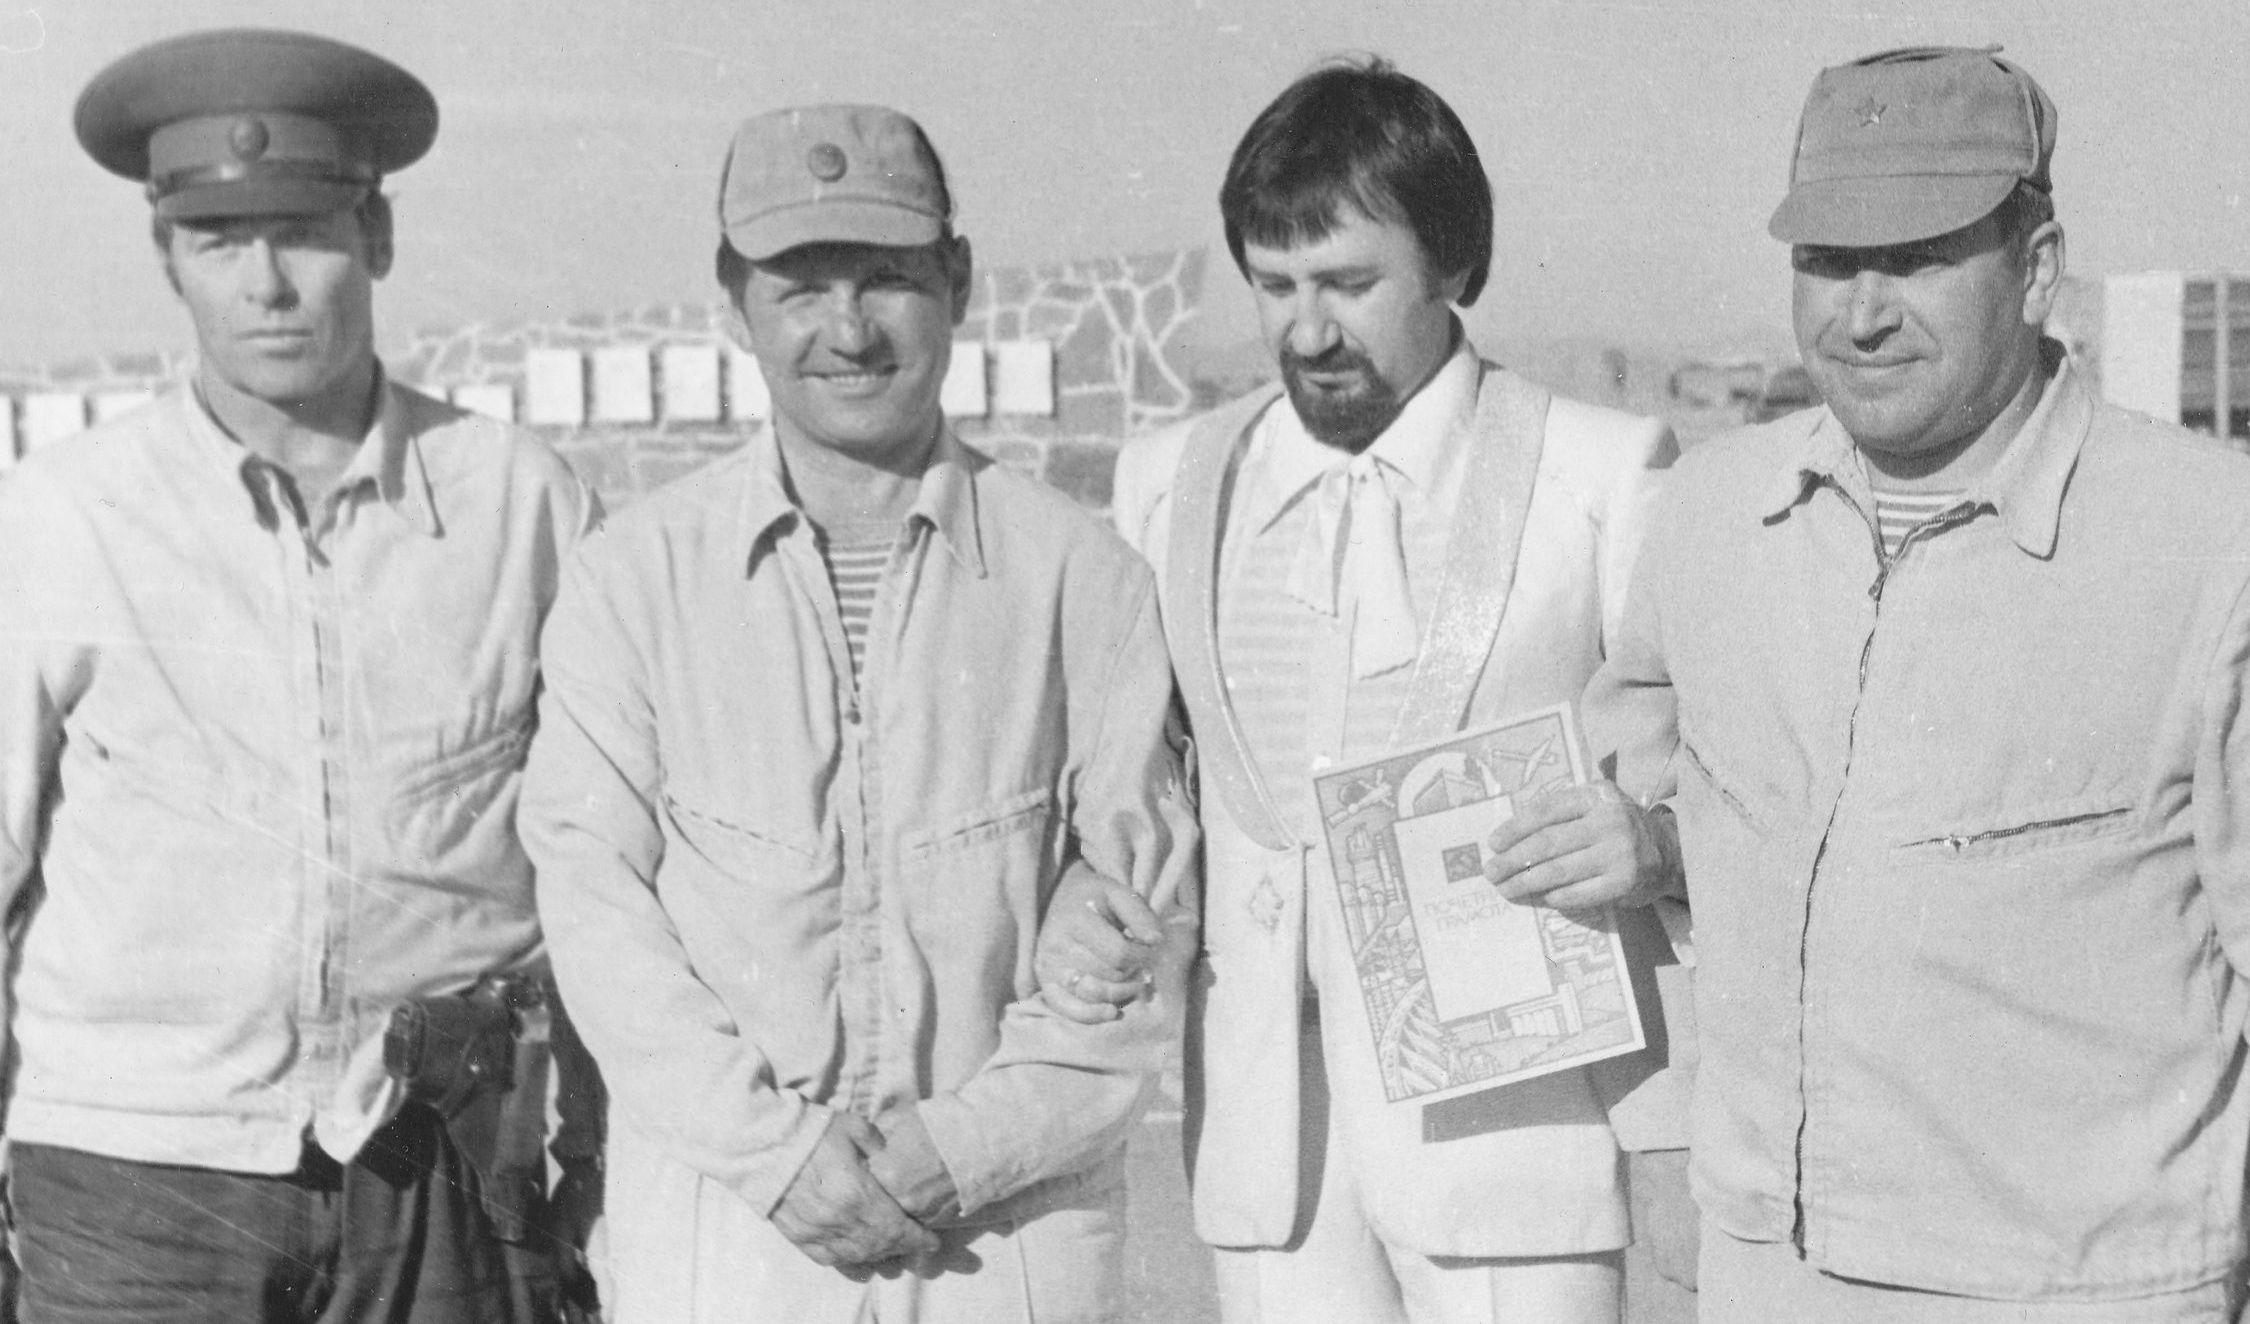 Ансамбль Сябры в Шинданде с офицерами танковой дивизии, 1985 г.